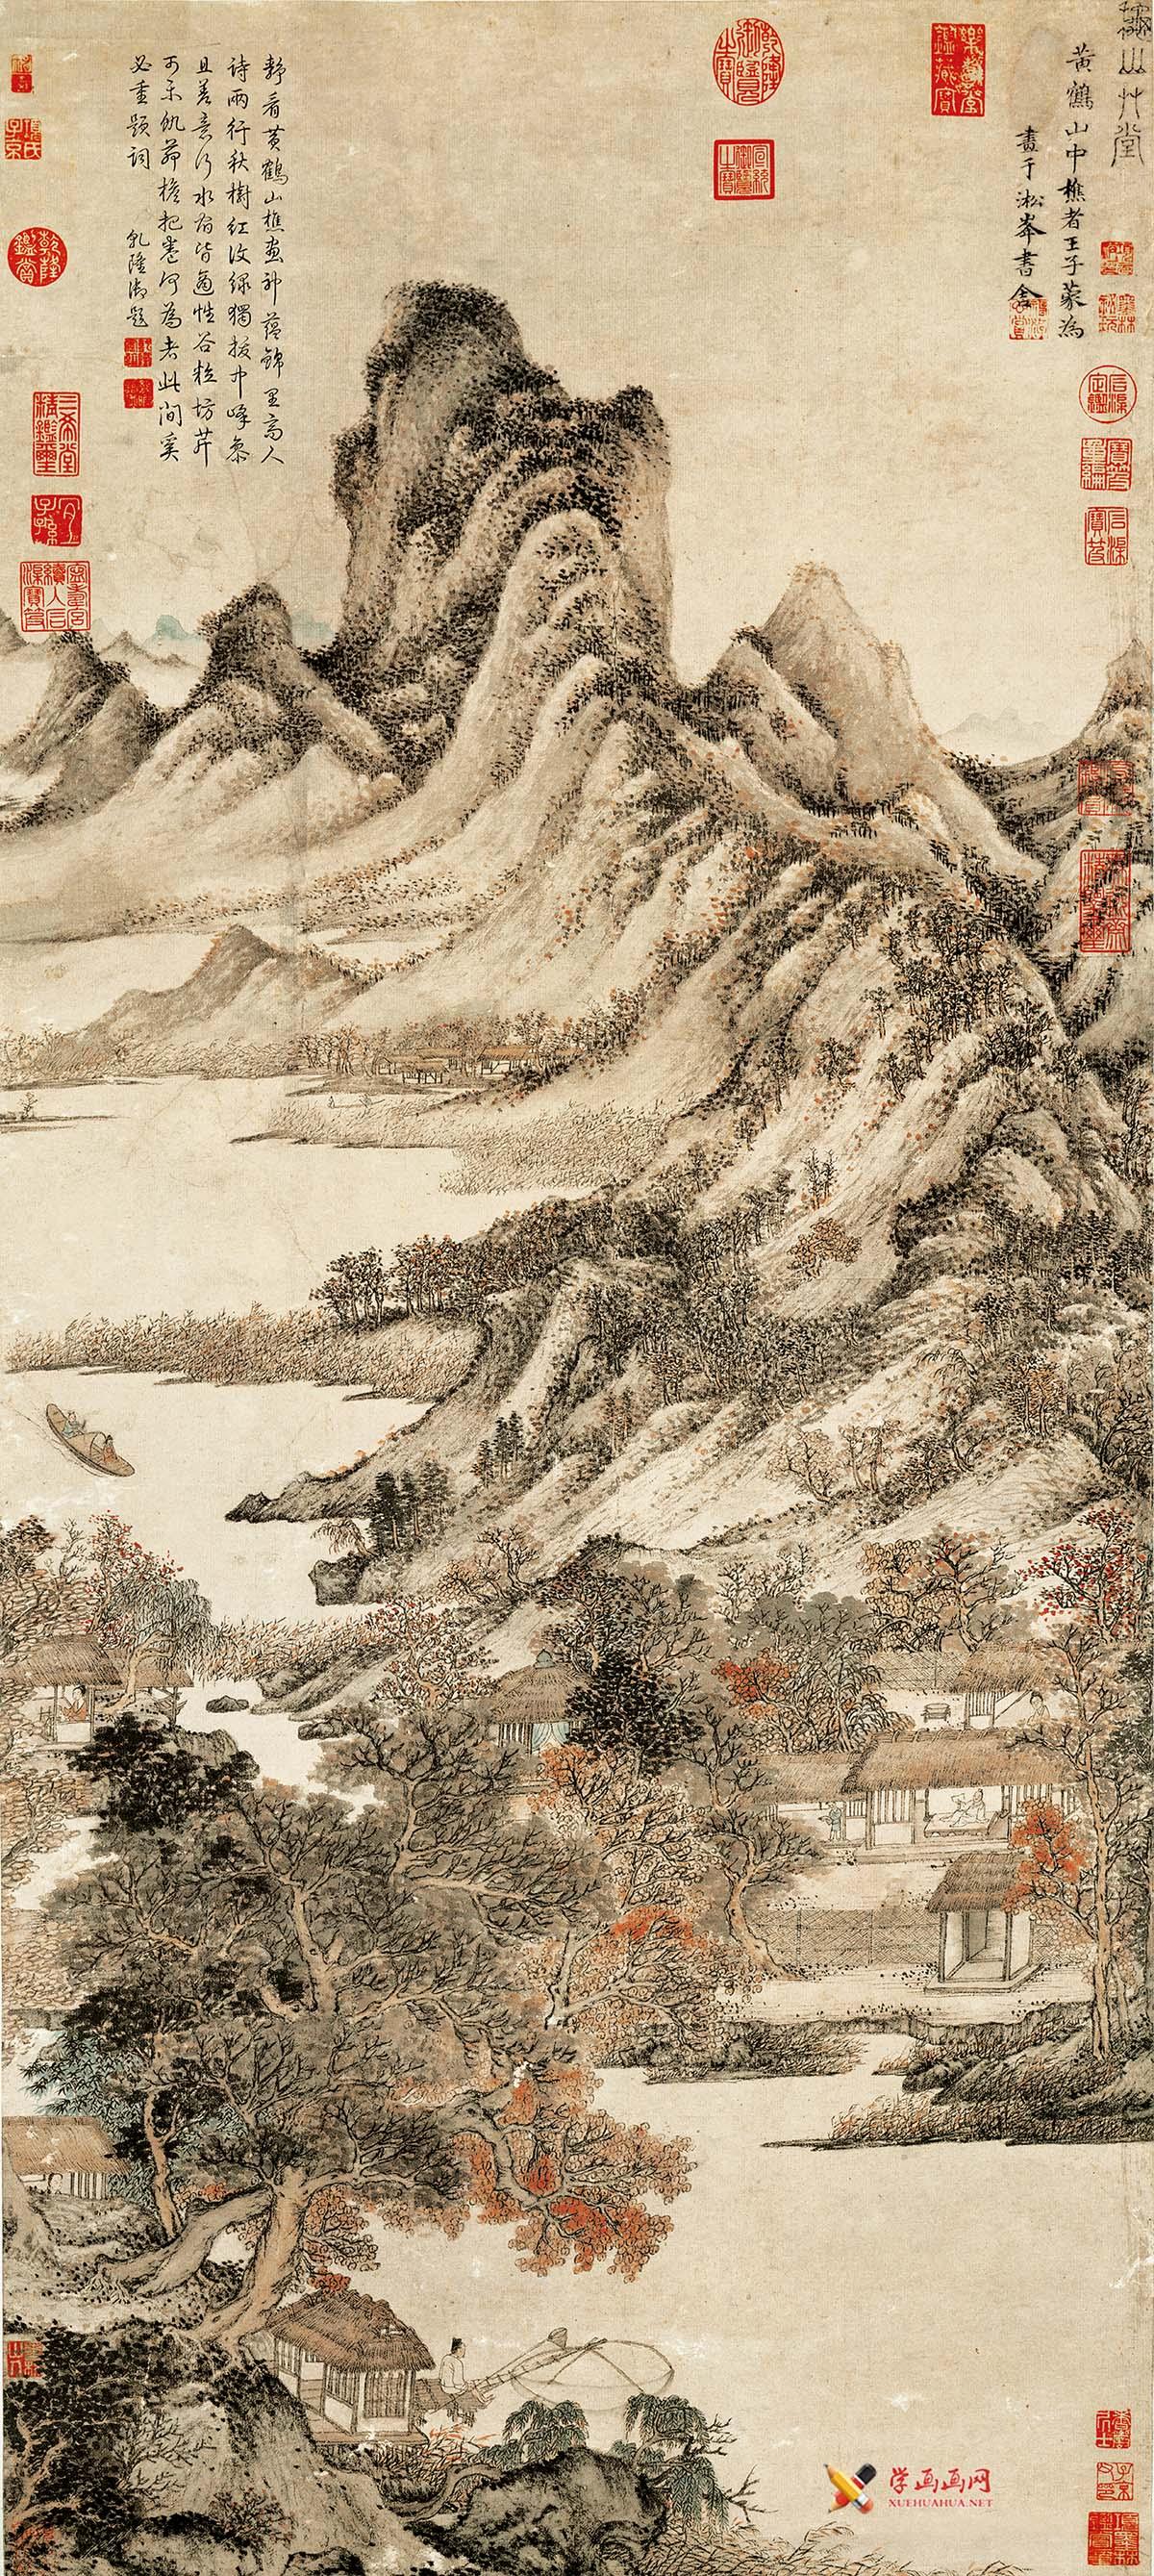 古画《秋山草堂图》赏析(1)